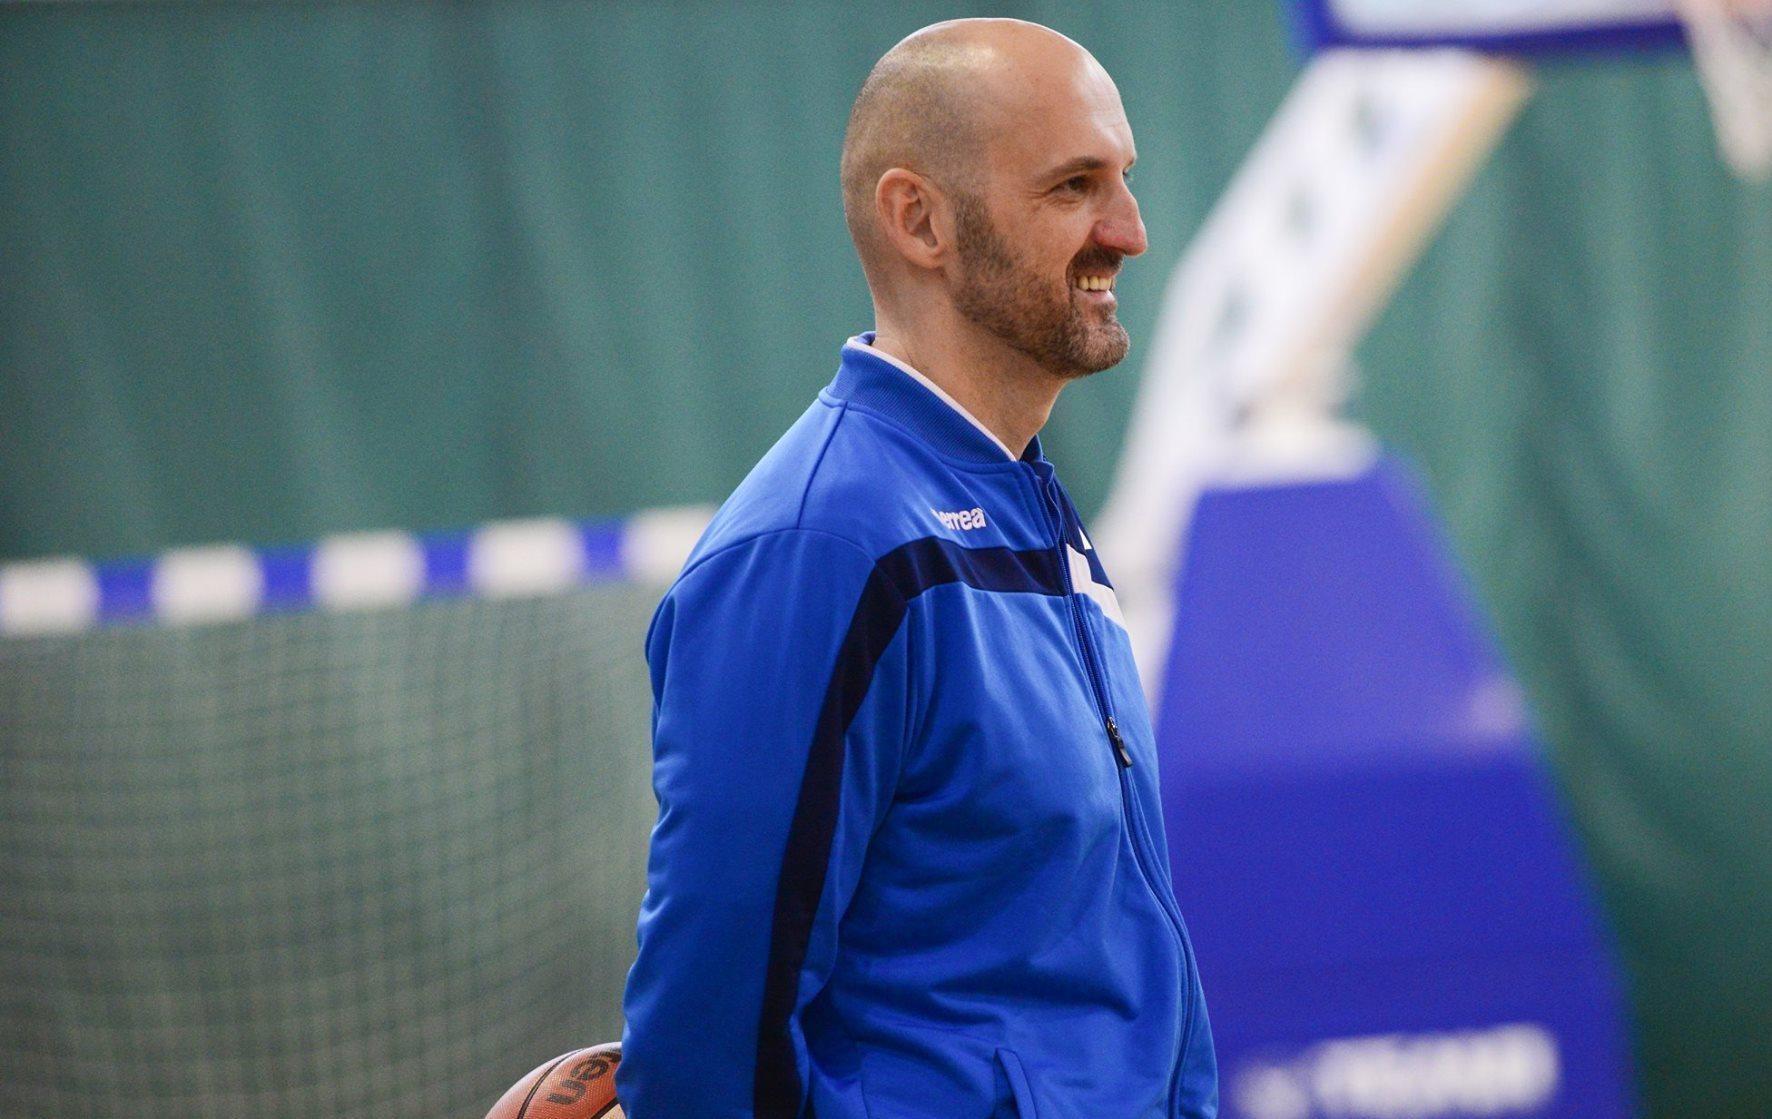 Срджан Радулович: цей сезон буде цікавим, всі команди жіночої Суперліги посилилися